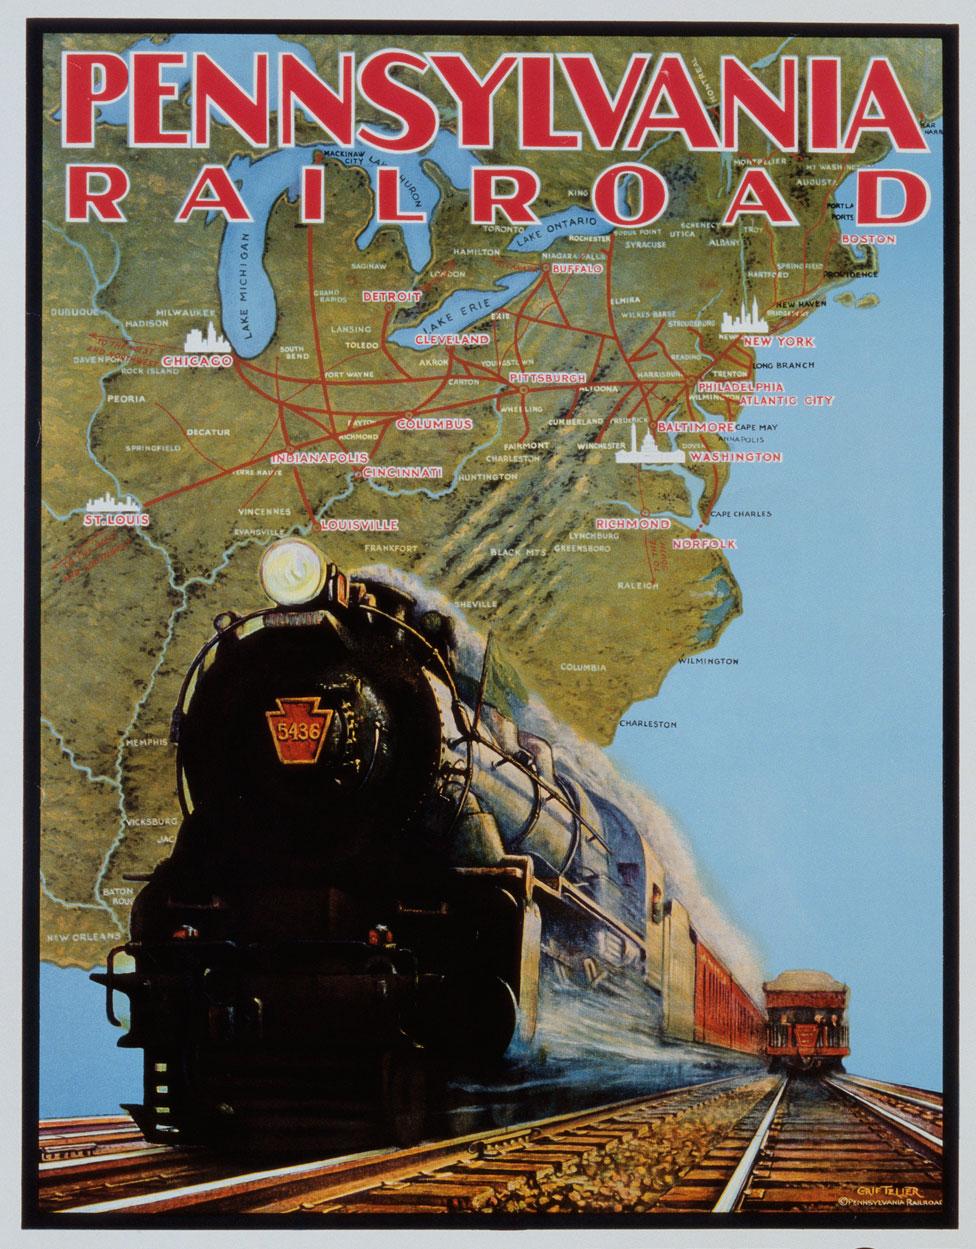 Un poster del Ferrocarril de Pensilvania.